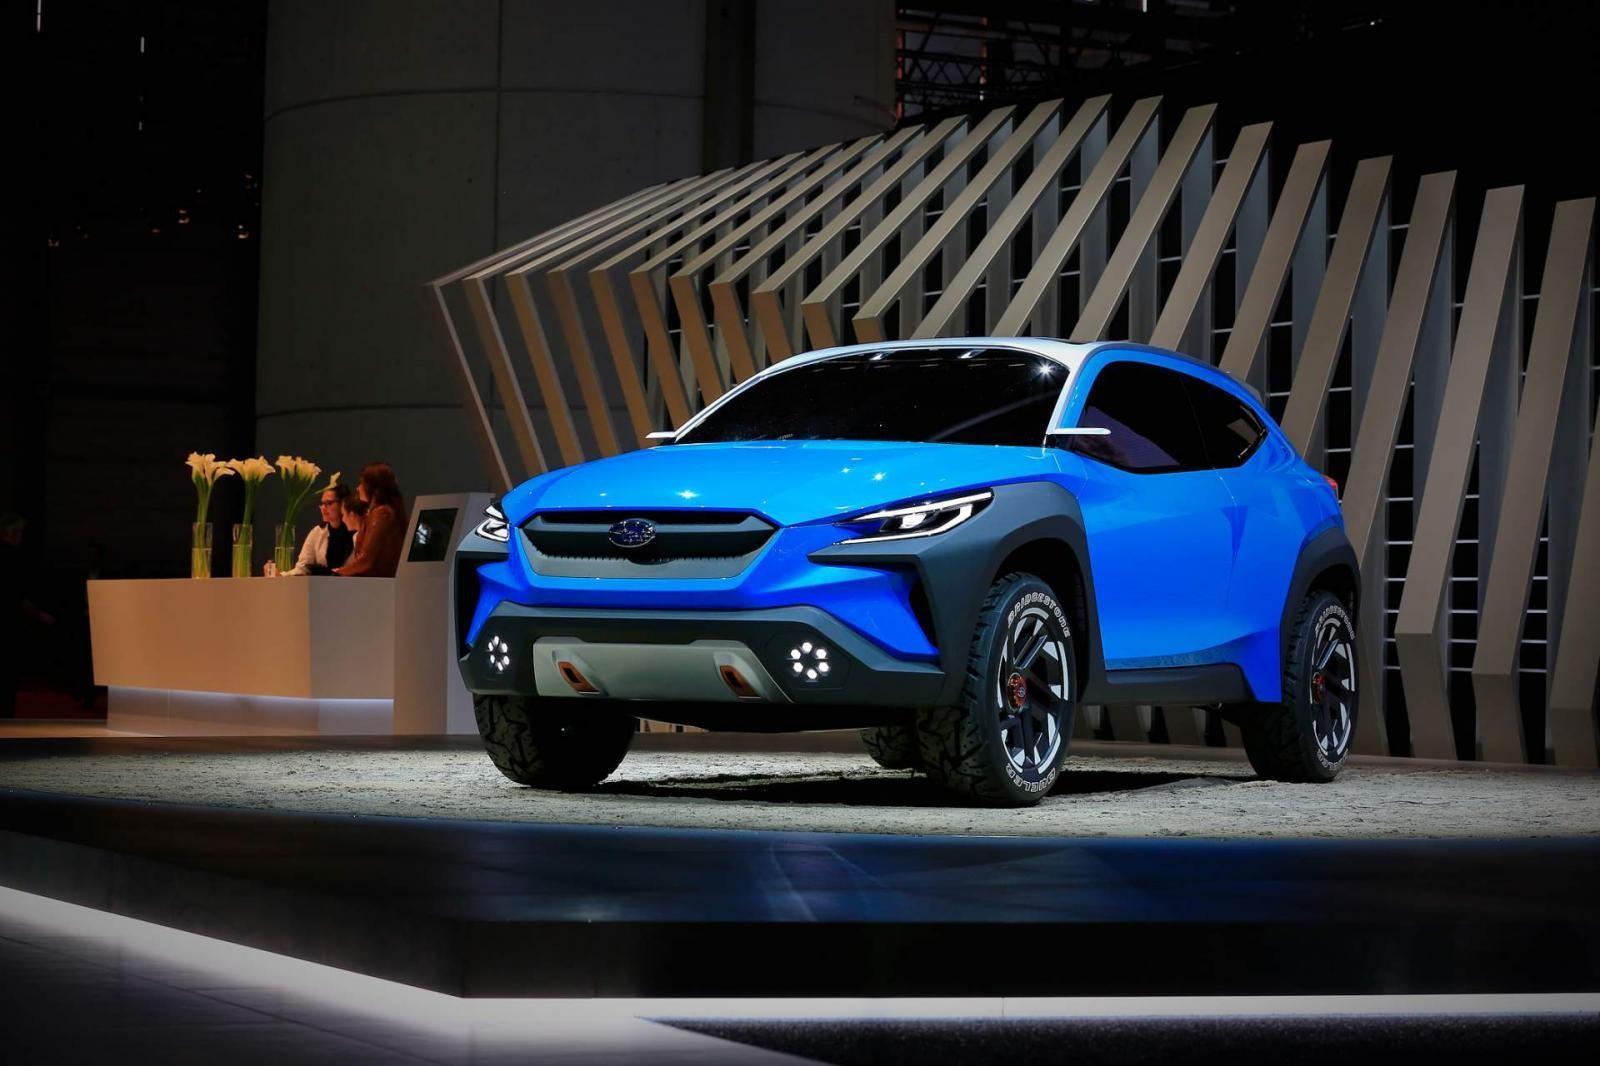 Trước mắt, Subaru chưa khẳng định rằng có đưa mẫu conceptViziv Adrenaline vào sản xuất thương mại hay không